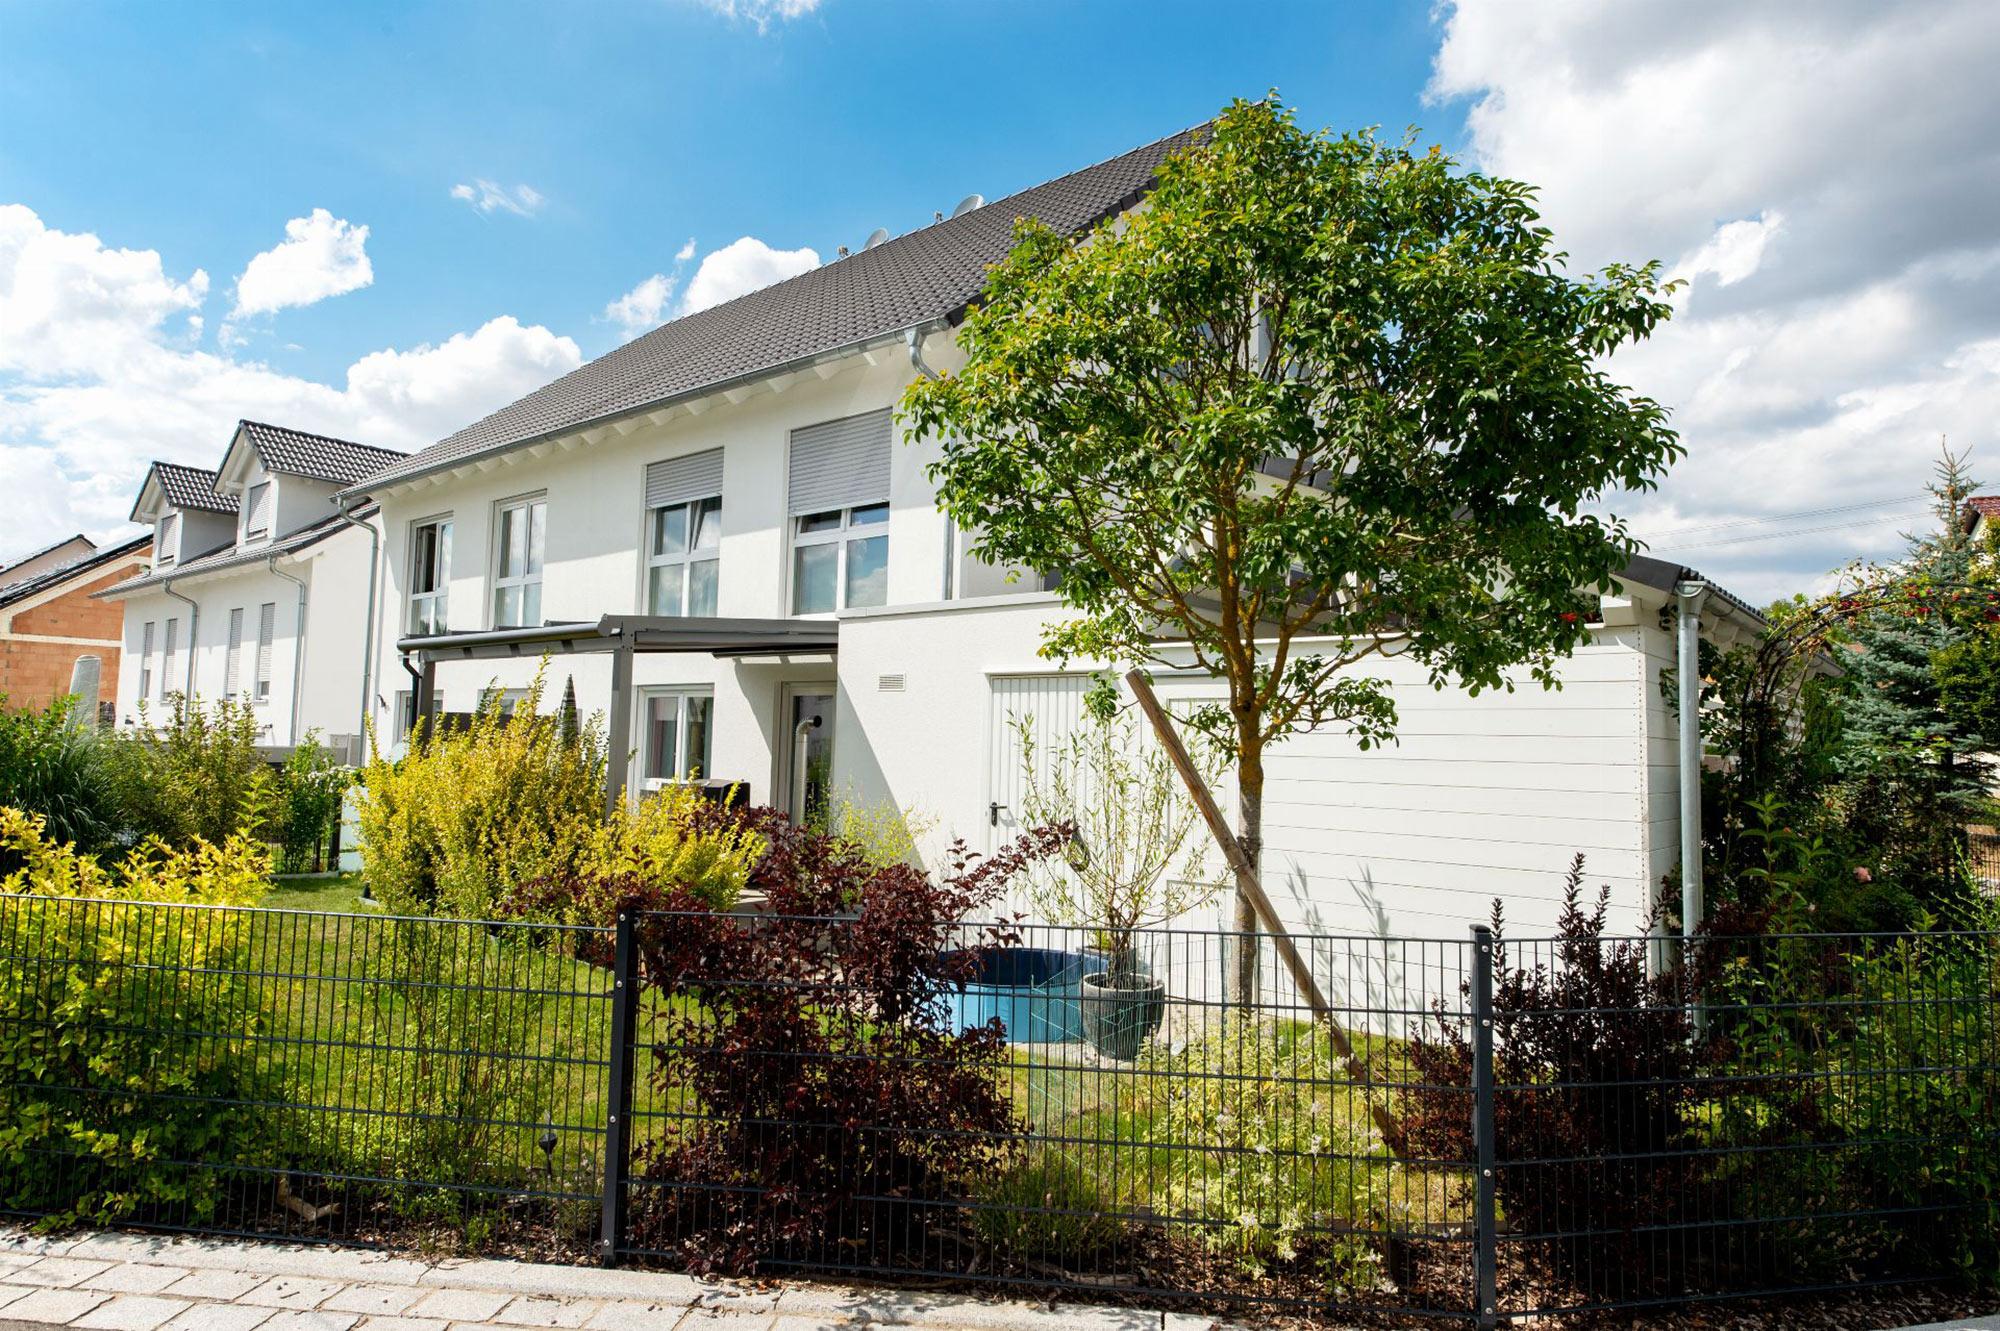 Doppelhaus Bau günstig zu Festpreisen in Böblingen